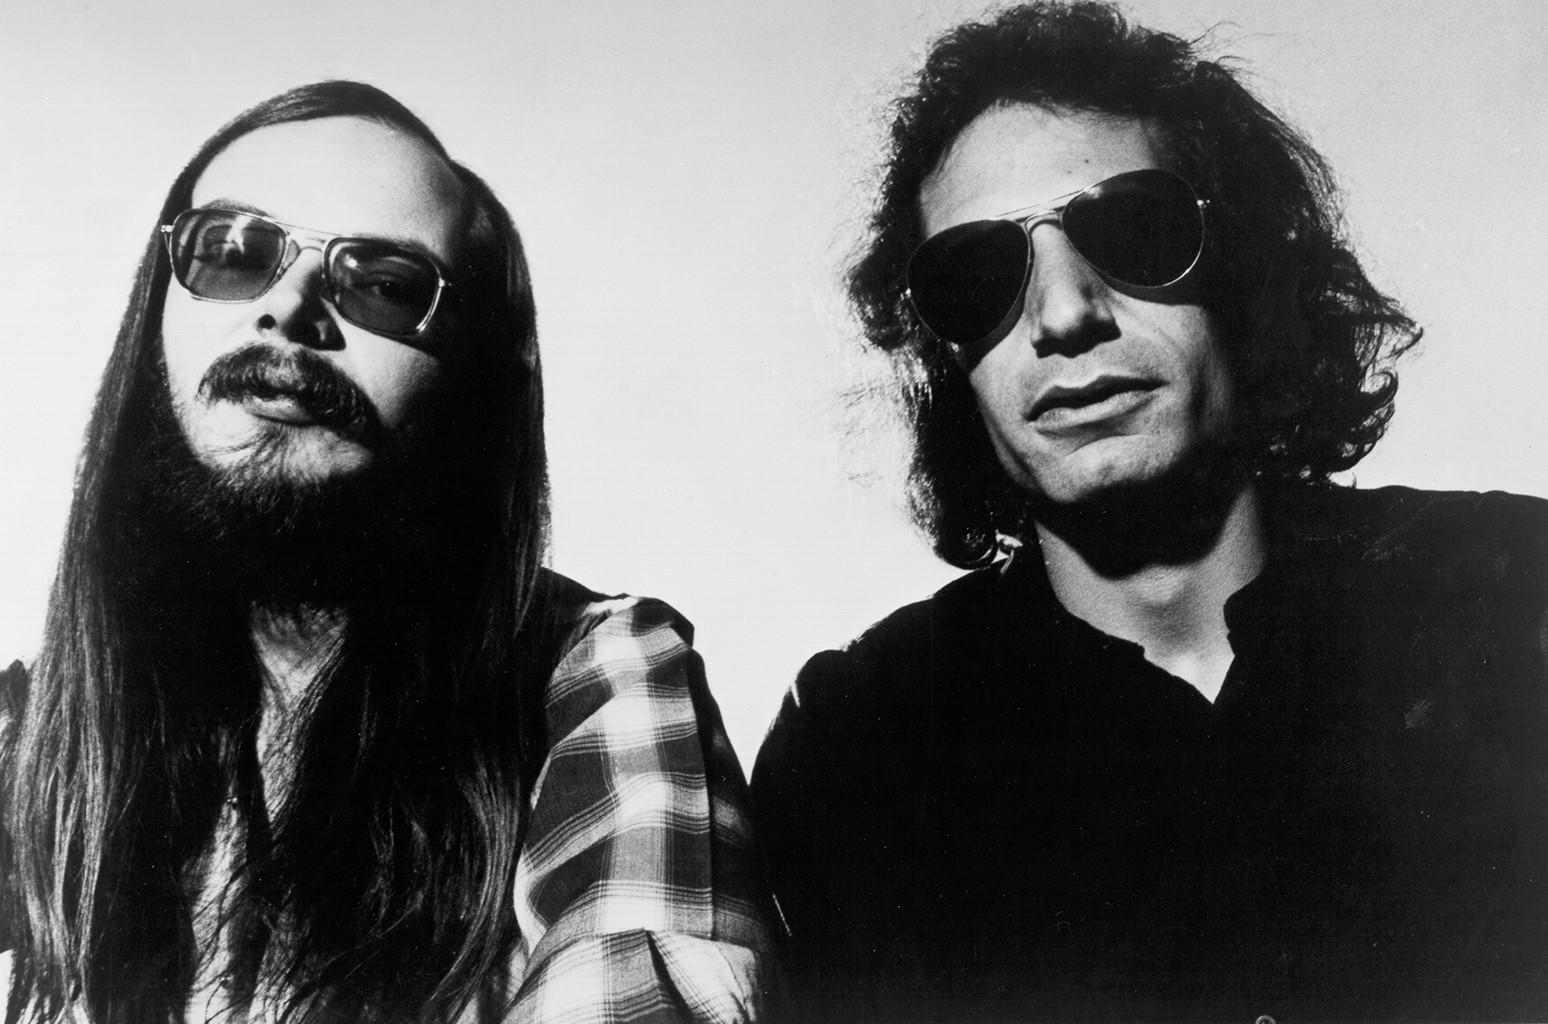 Walter Becker & Donald Fagen of Steely Dan, 1978